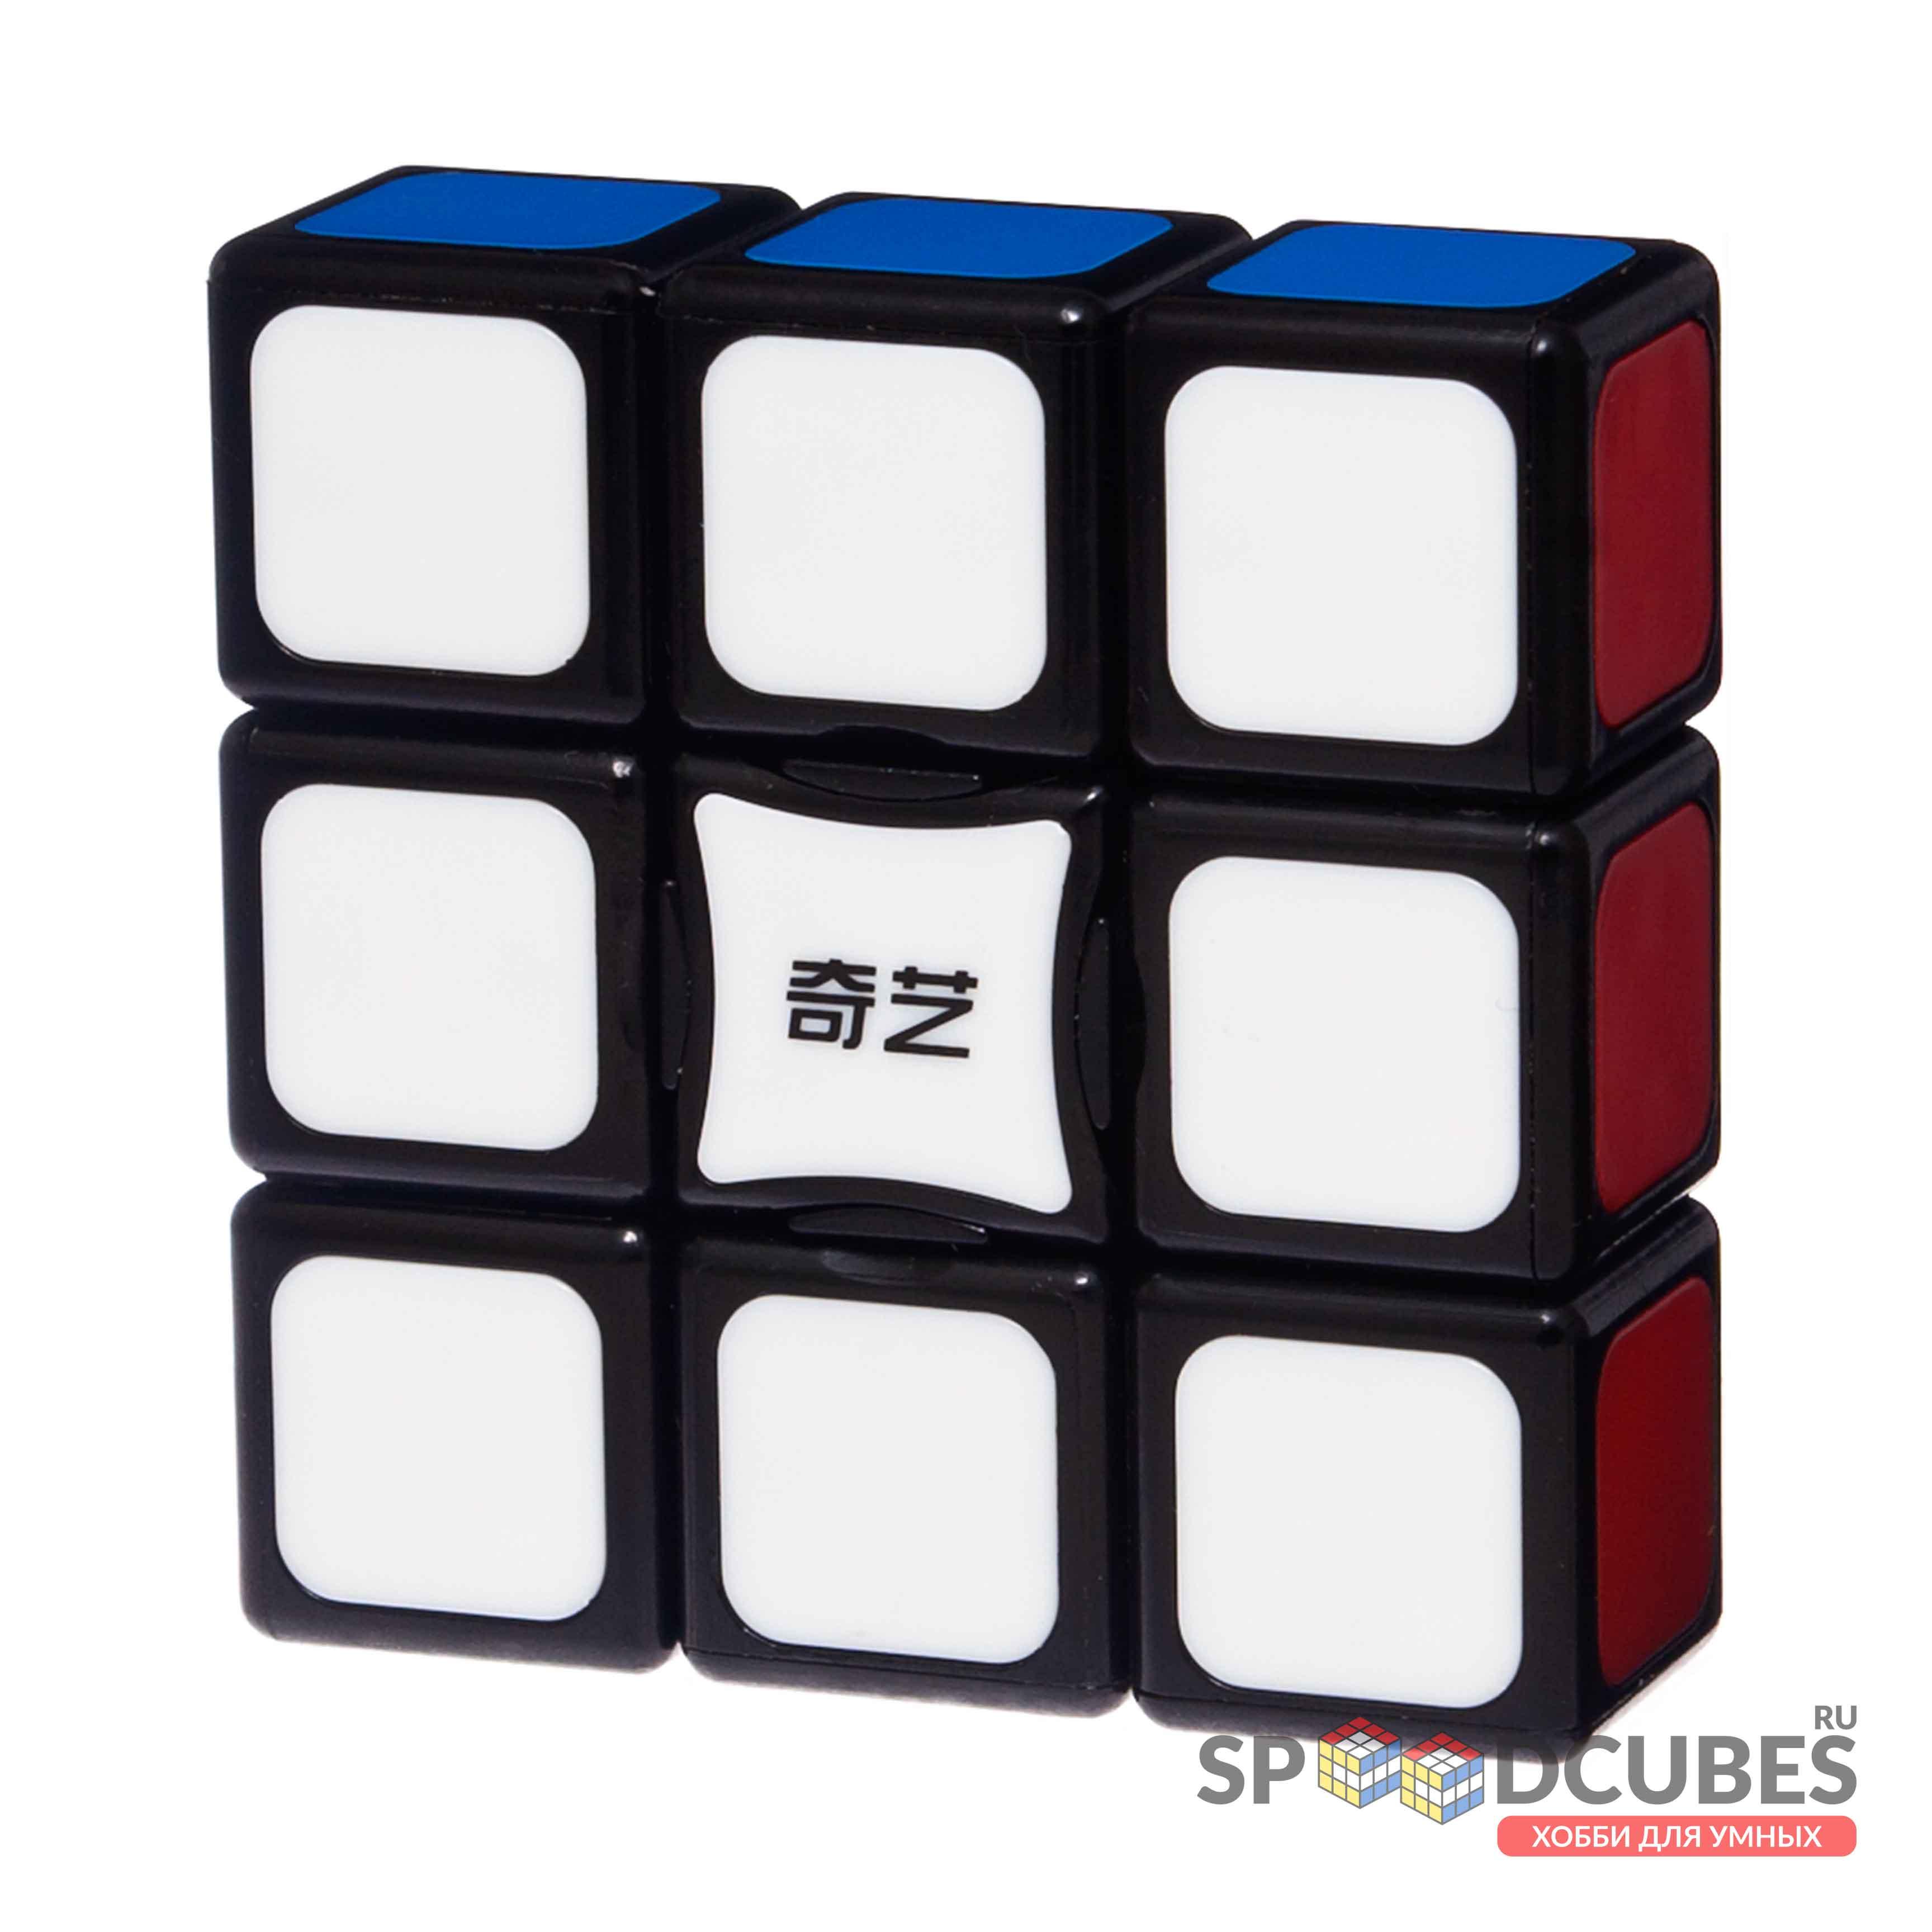 QiYi (MoFangGe) 3x3x1 Floppy